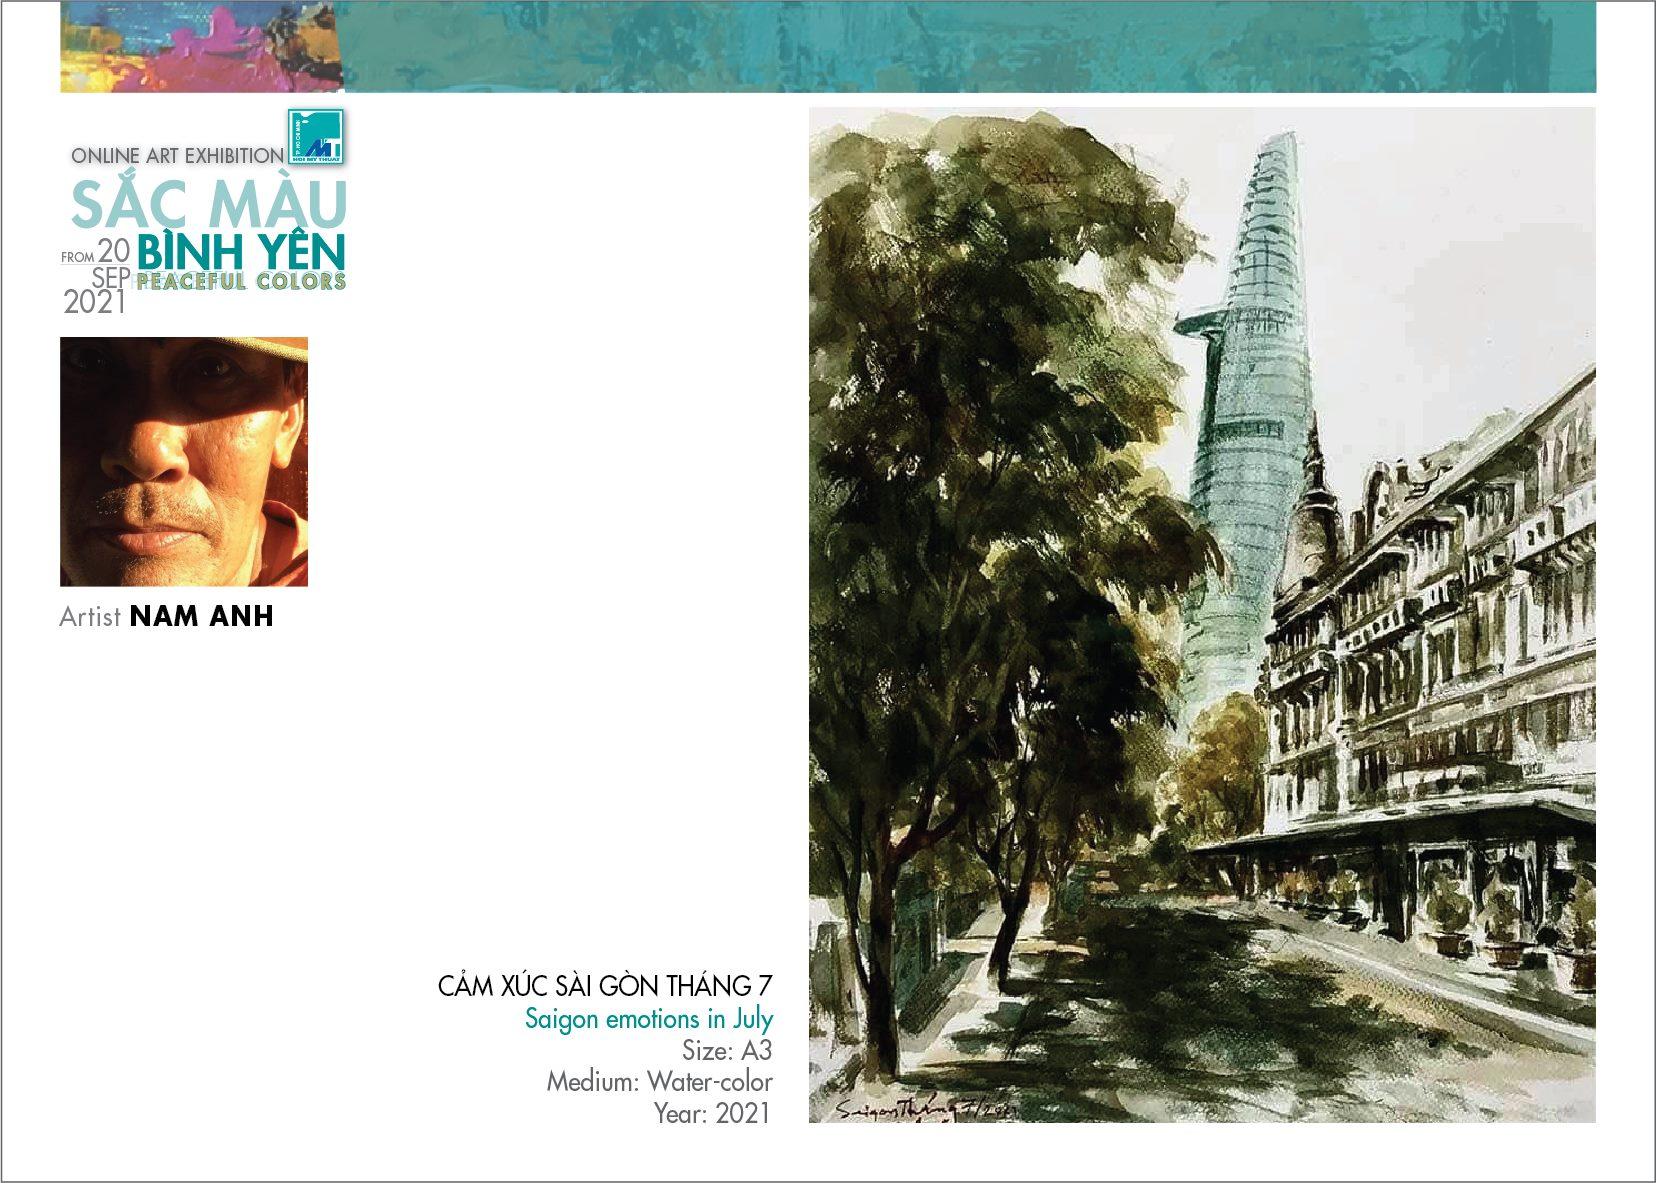 Tranh màu nước Cảm xúc Sài Gòn tháng 7 của họa sĩ Nam Anh